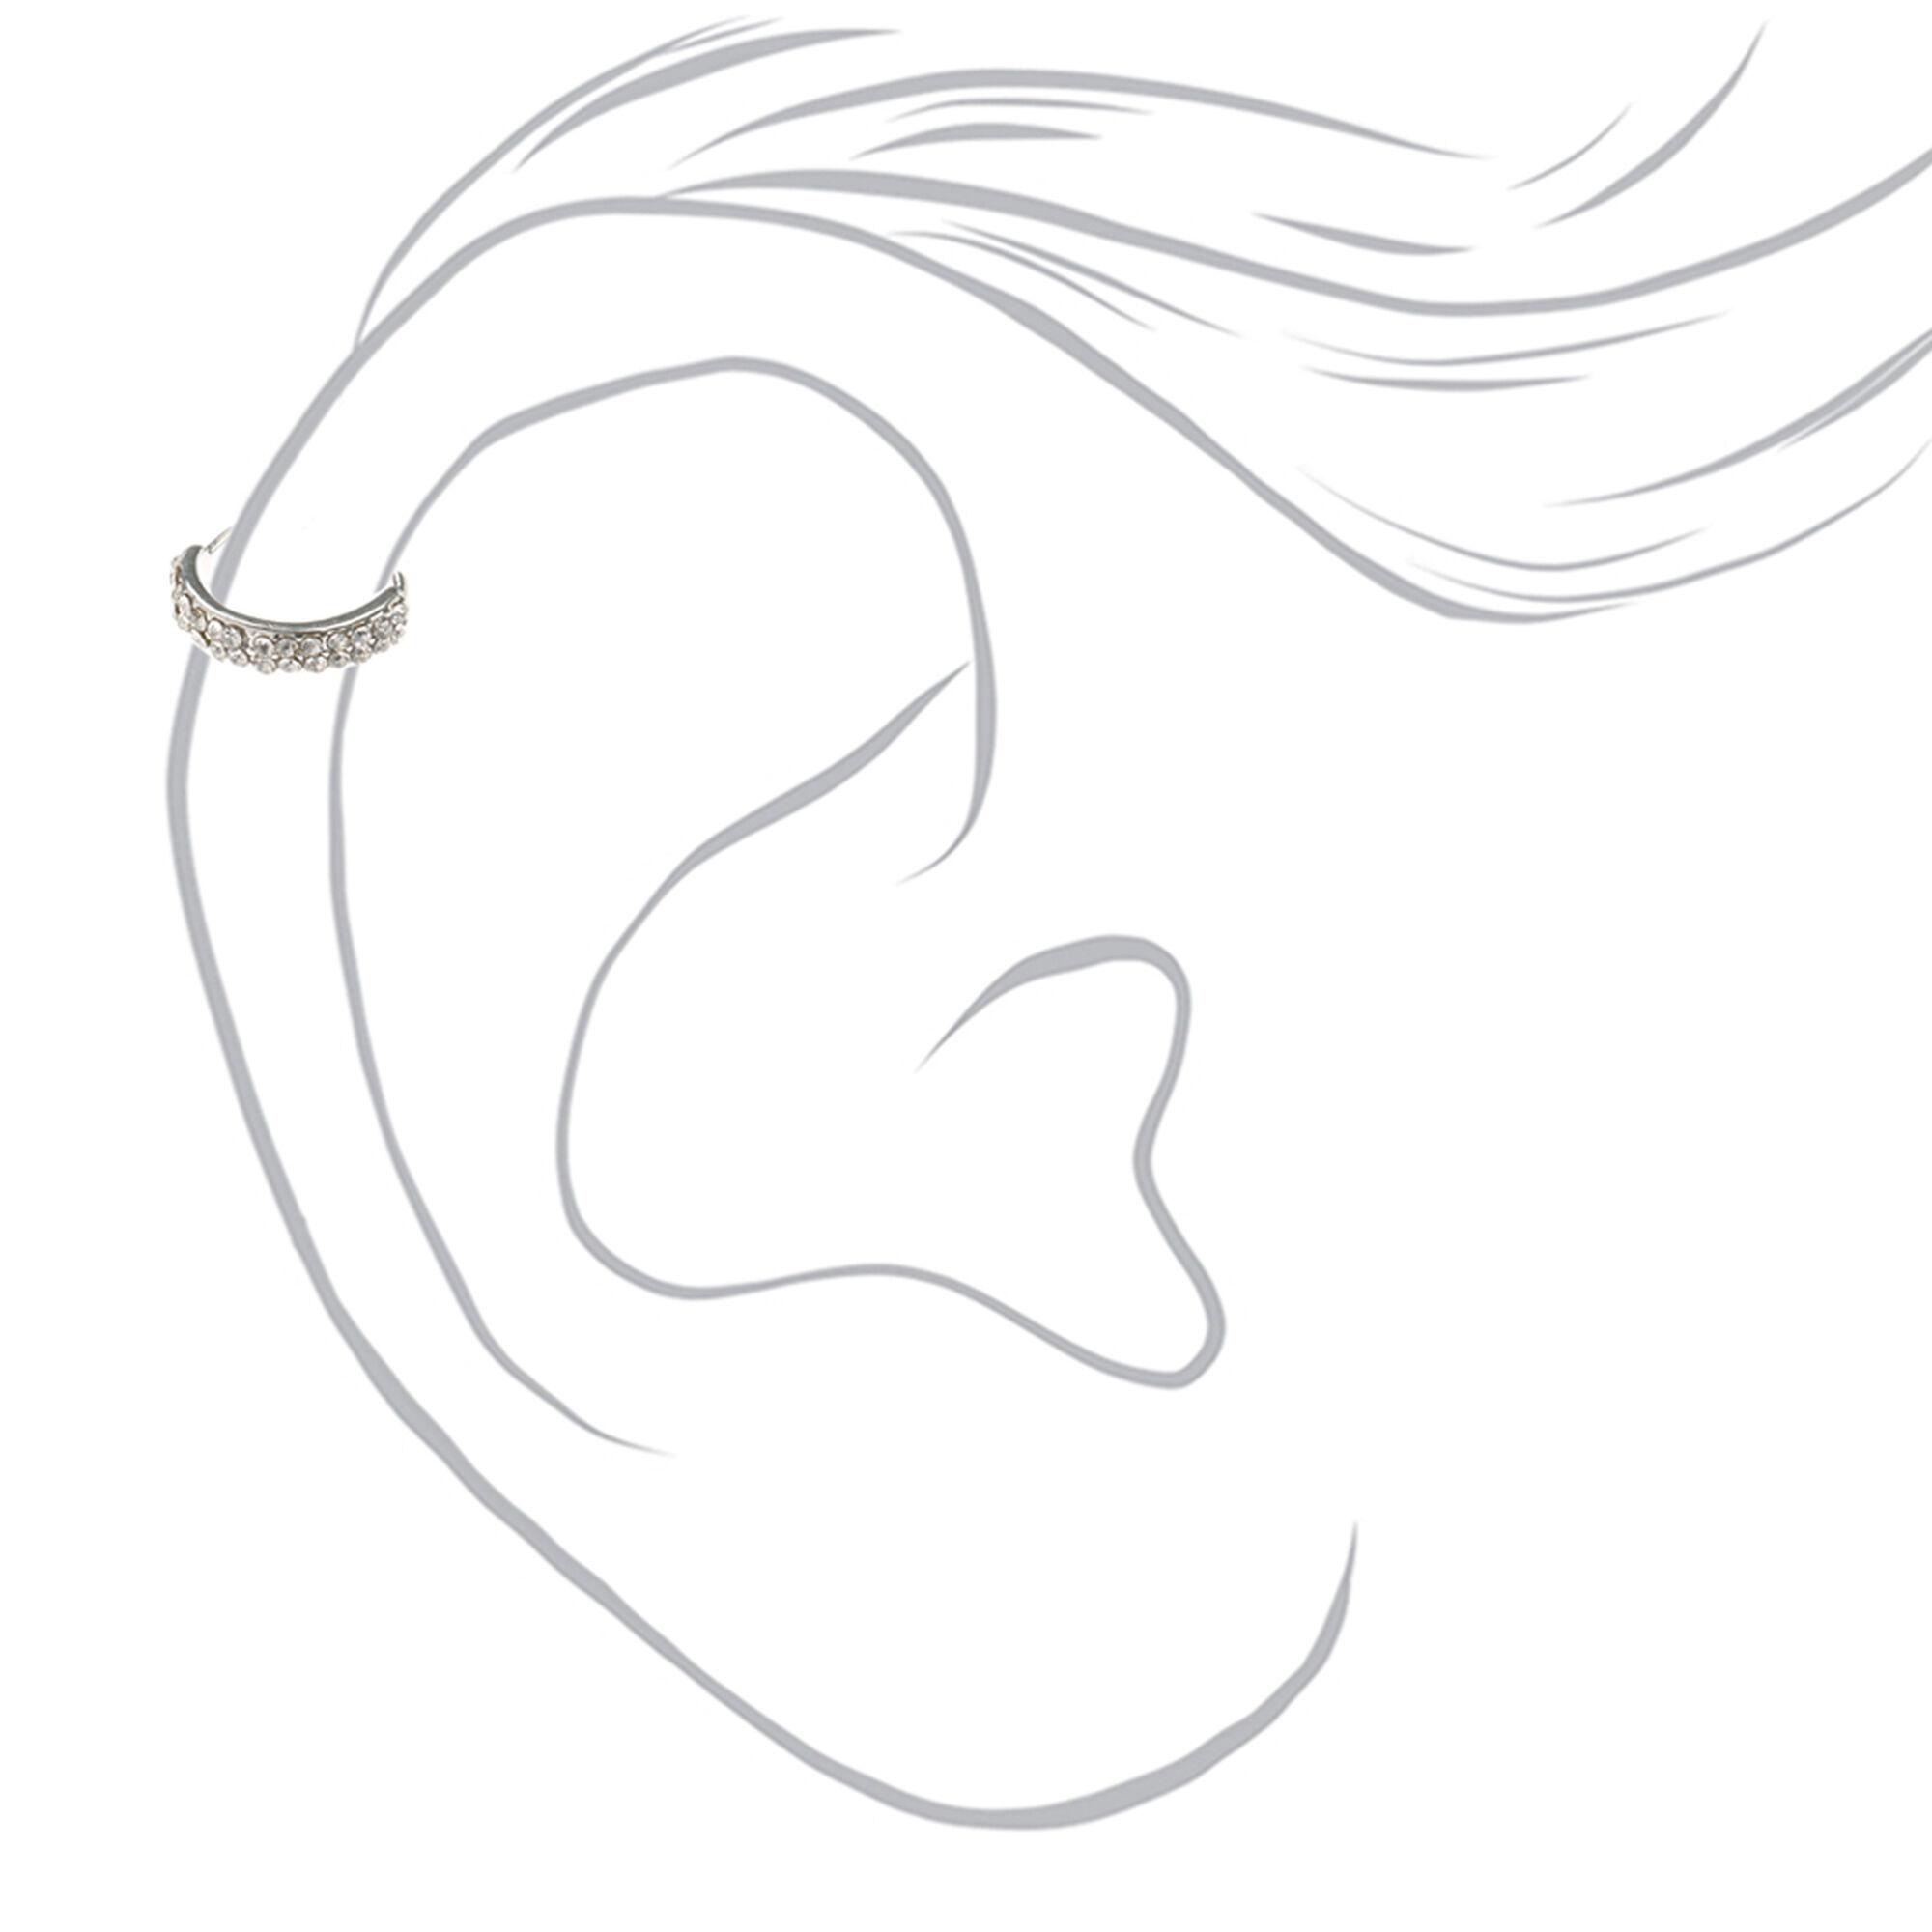 Anneau de faux piercing cartilage clouté en strass  57f3b17b355